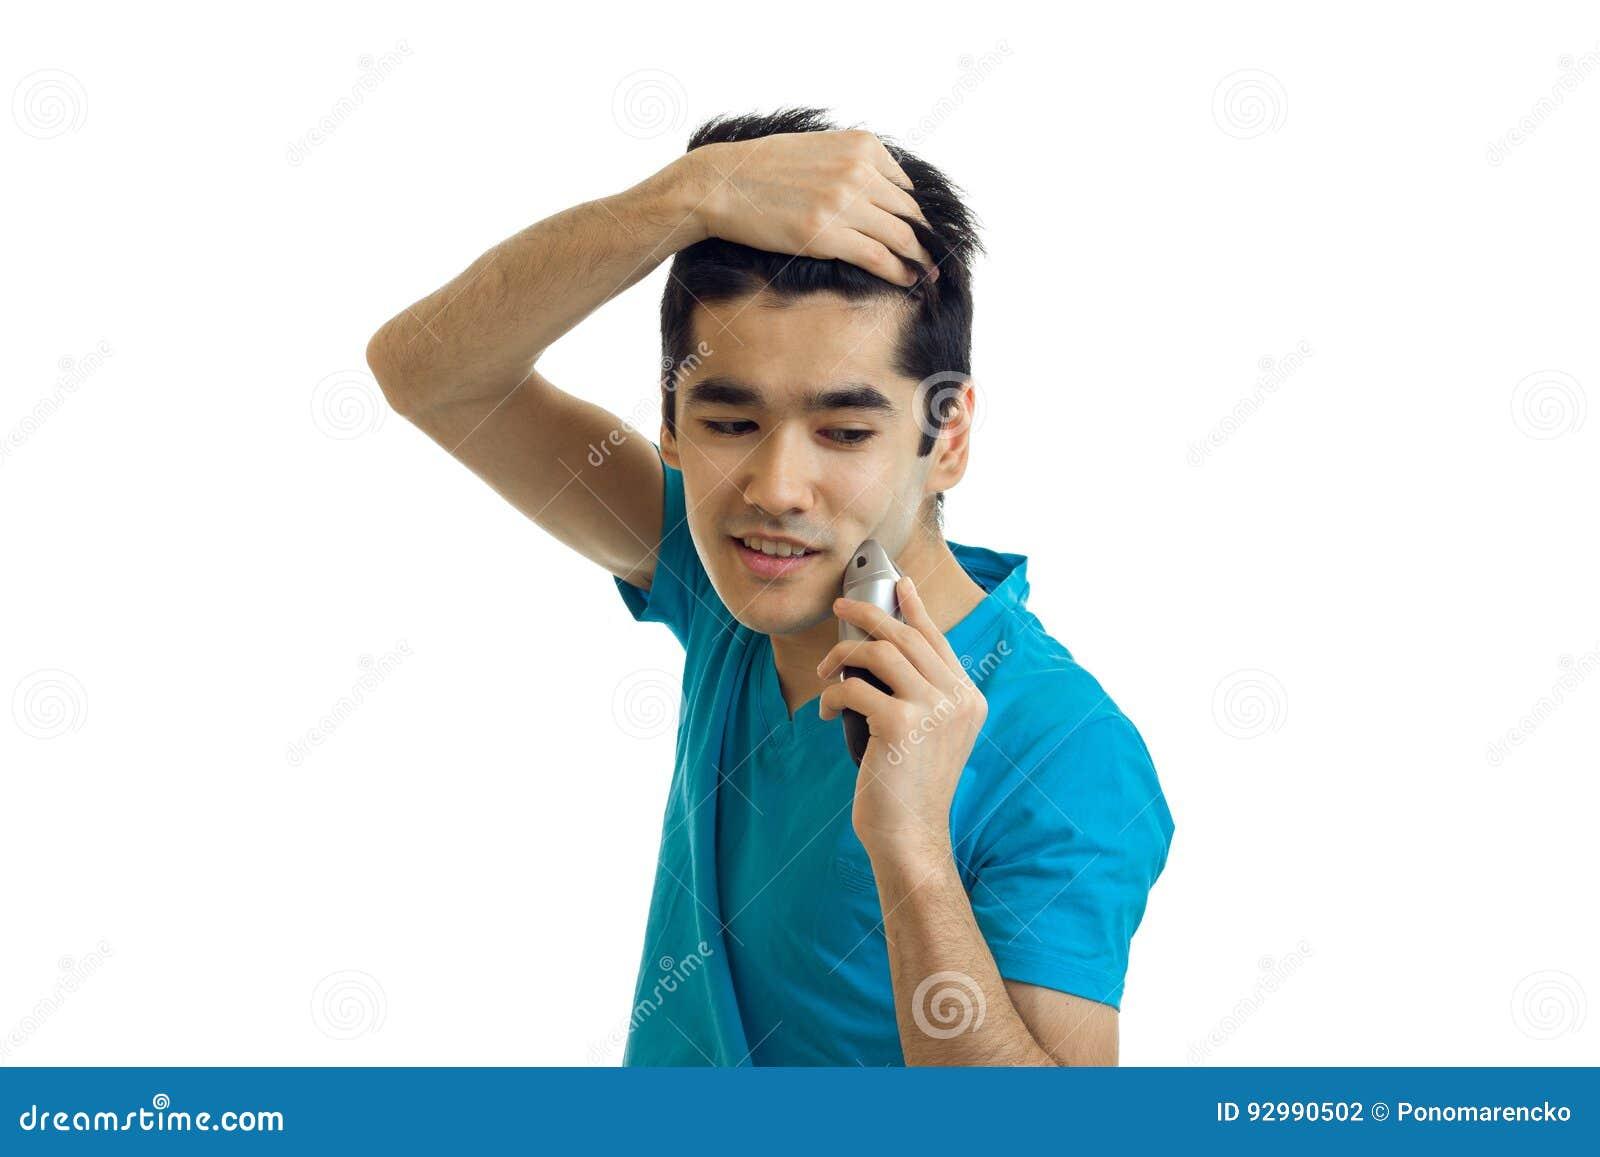 英俊年轻人微笑在白色背景保留手头发神色并且刮他的胡子被隔绝